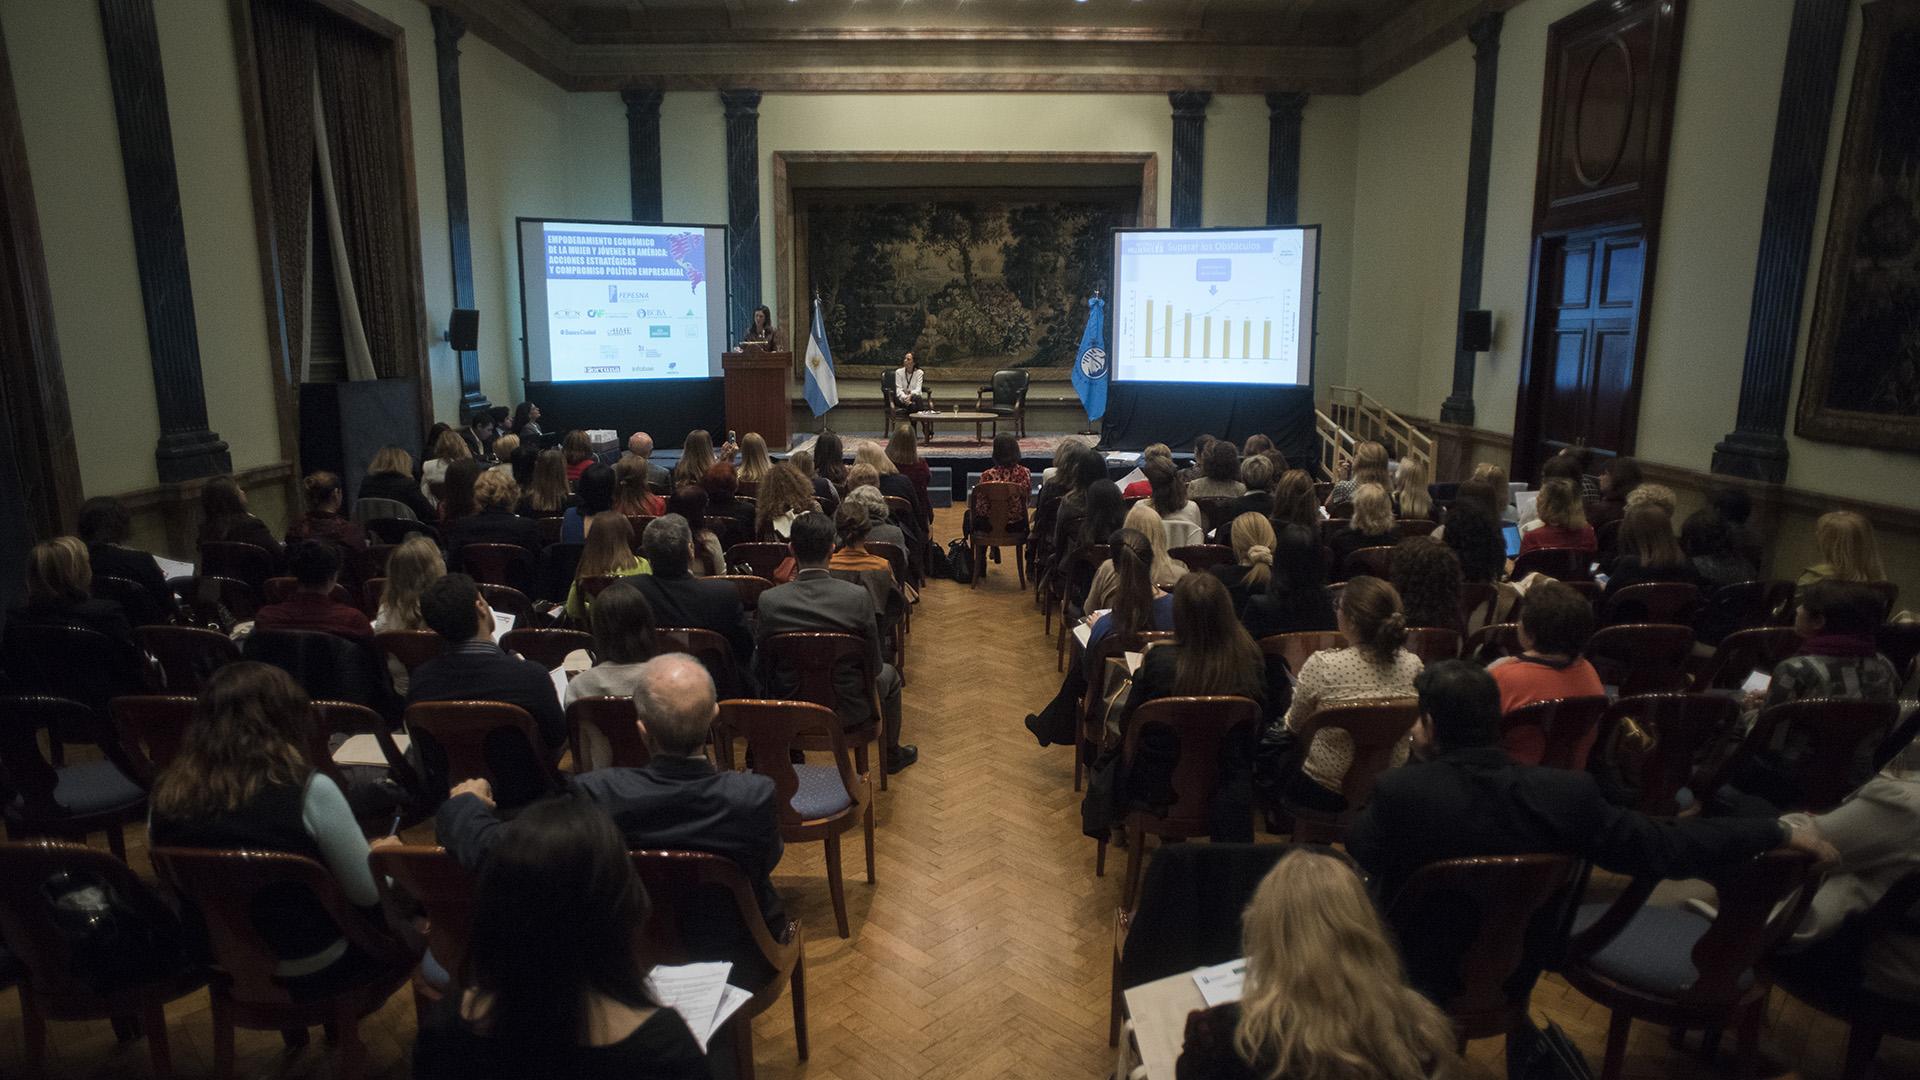 El seminario internacional que tuvo lugar en la Bolsa de Comercio de Buenos Aires convocó a referentes de la política, empresas y organizaciones (Adrián Escandar)